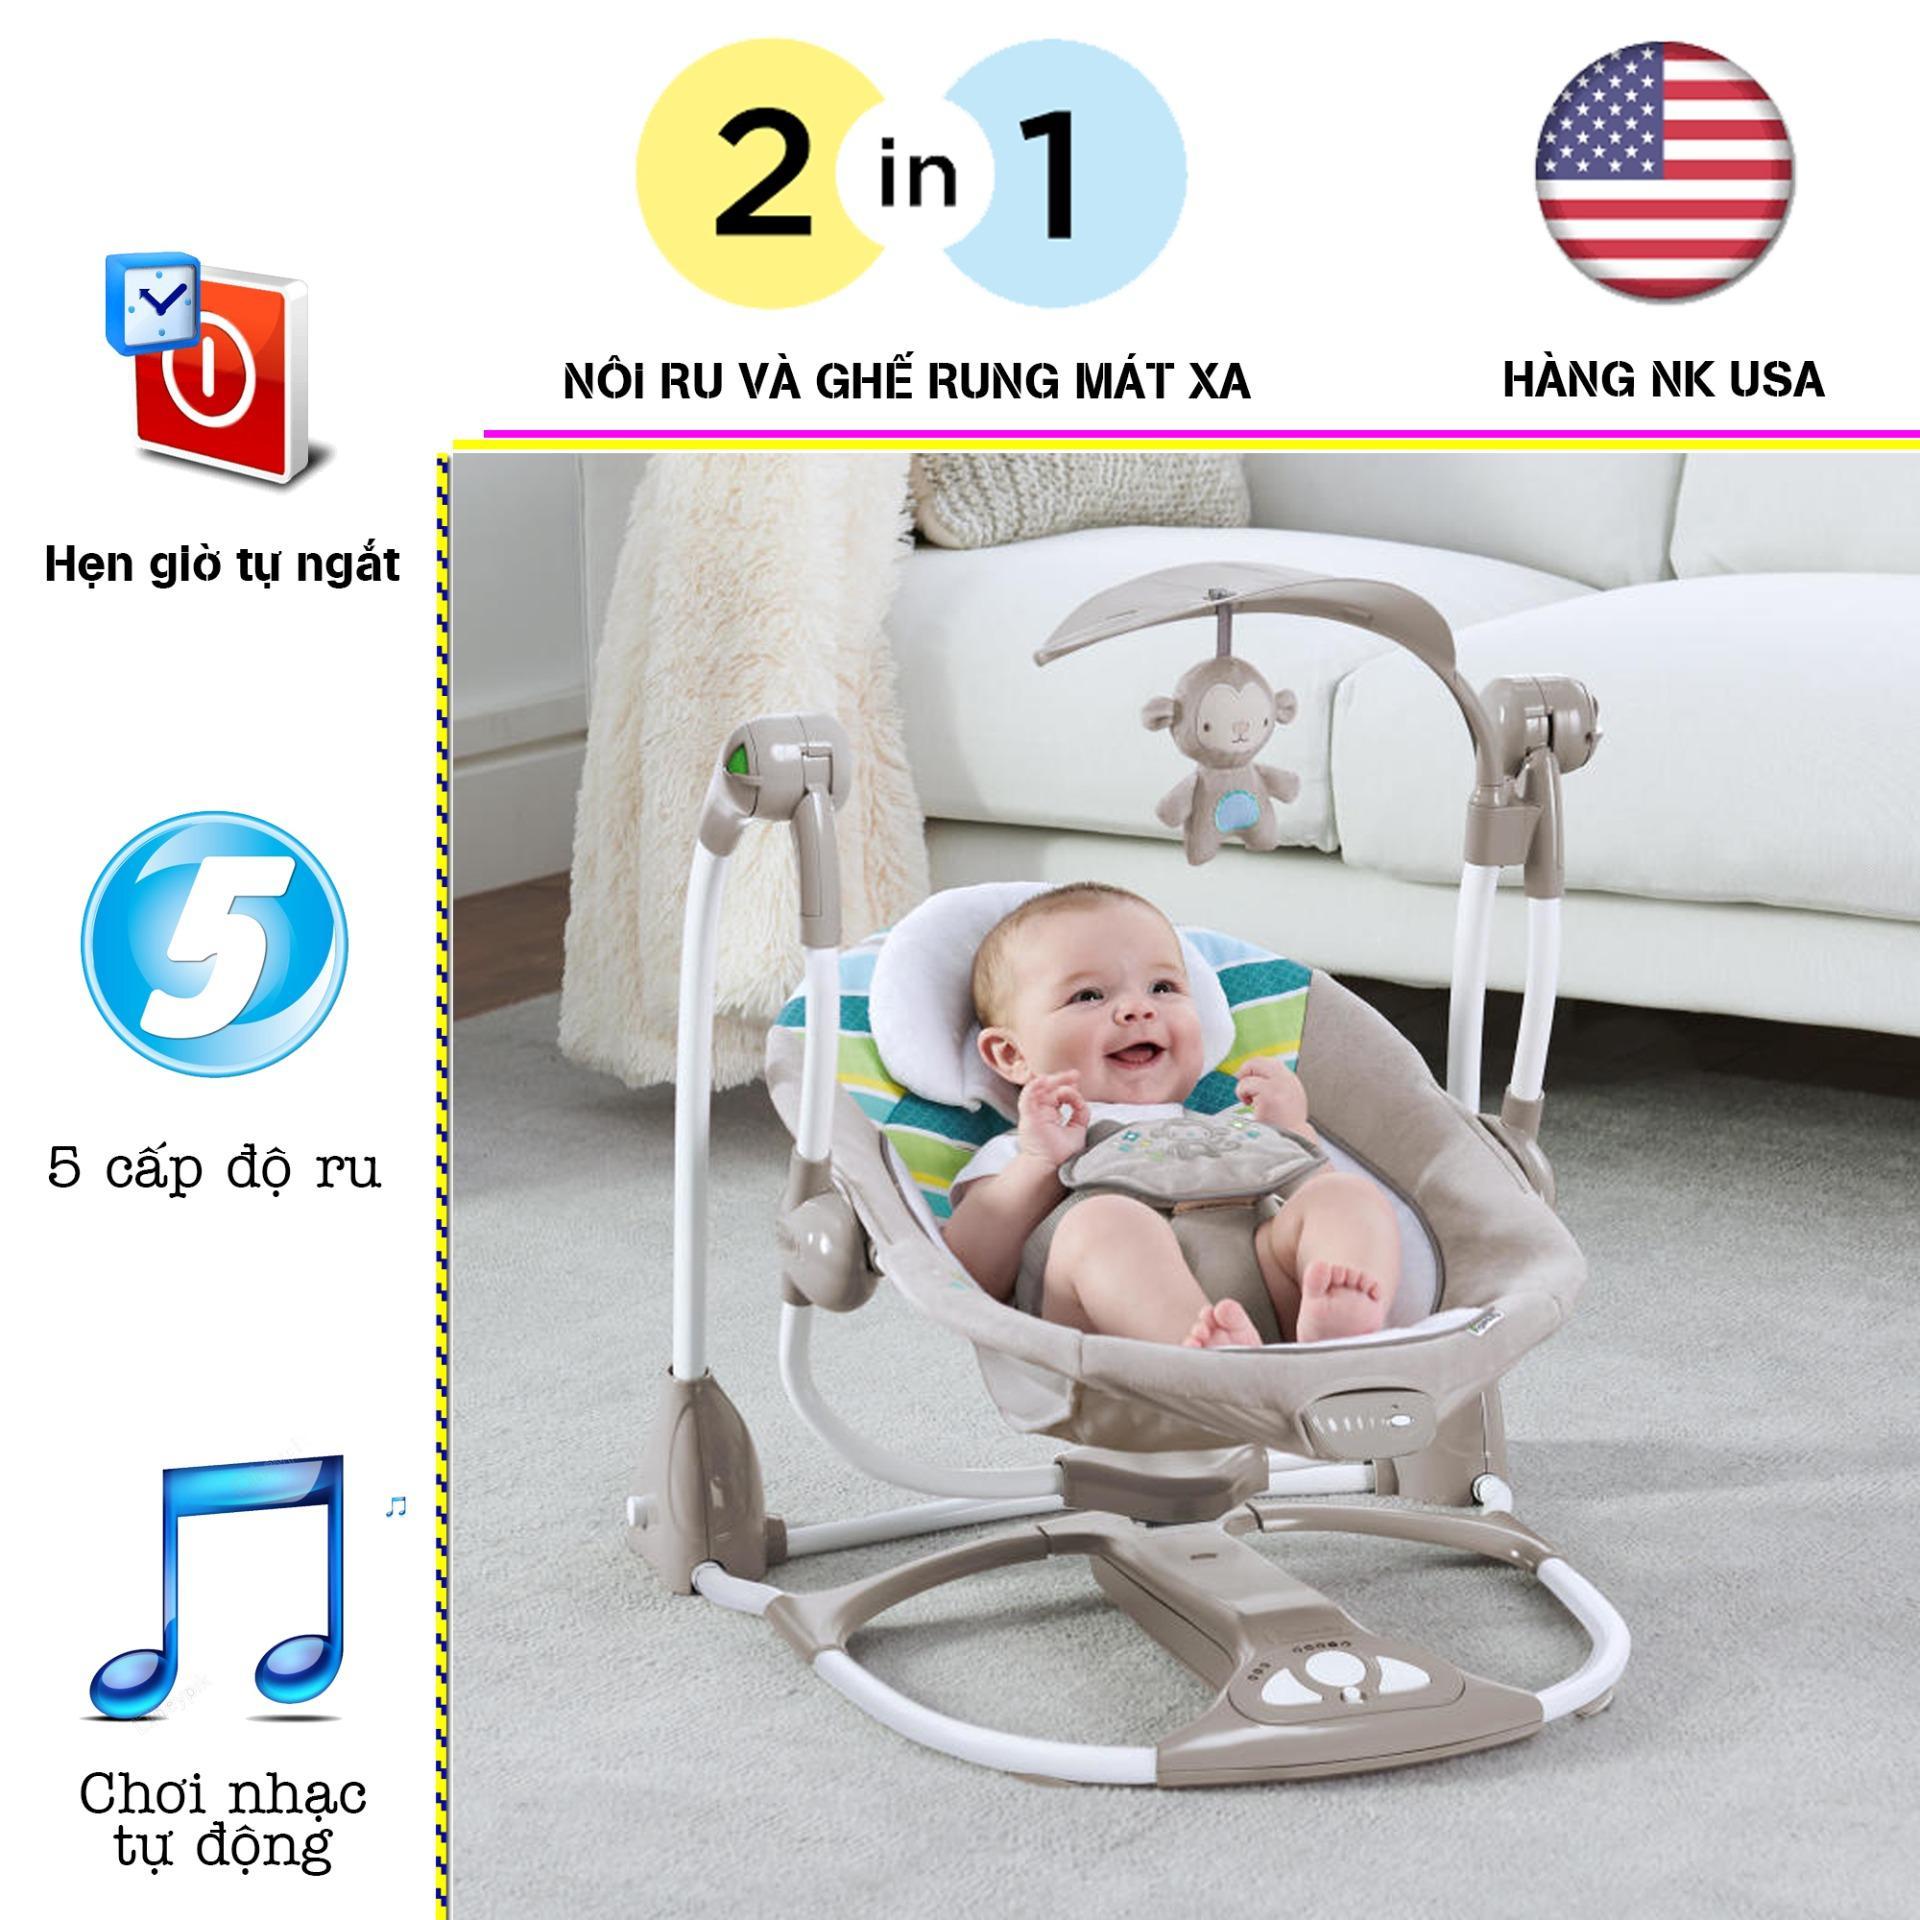 Nôi điện em bé,  nôi rung trẻ em, ghế rung em bé Ingenuity rung và đung đưa tự động hàng nhập khẩu của Mỹ an toàn giúp bé thư giản và ngủ ngon Nhật Bản